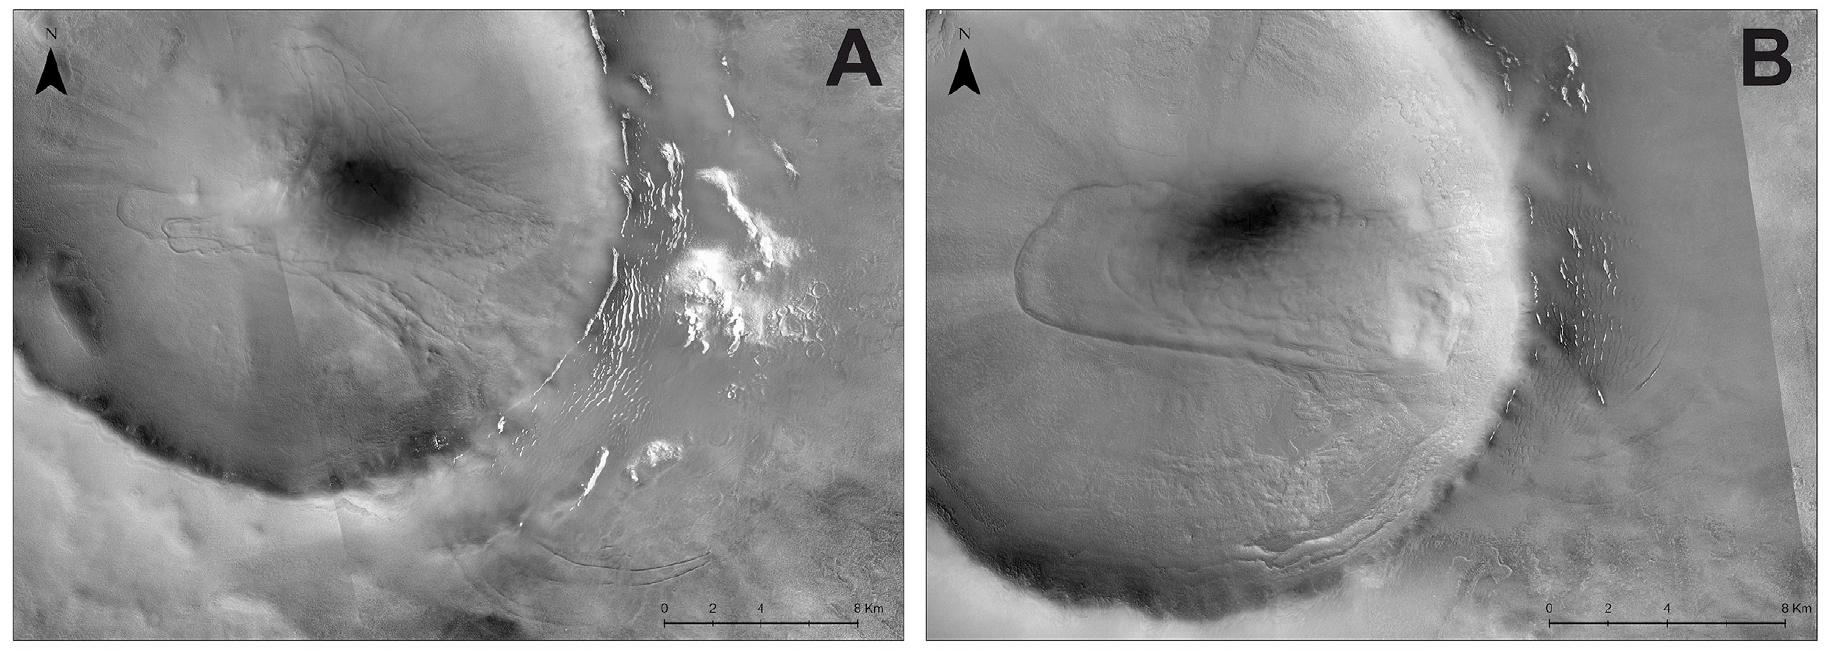 As duas crateras que contêm as cristas parecidas com a morena. Pensa-se que o gelo em colapso tenha caído da direita para a esquerda, começando perto das encostas externas das crateras de impacto. Crédito: NASA/Planetary and Space Science